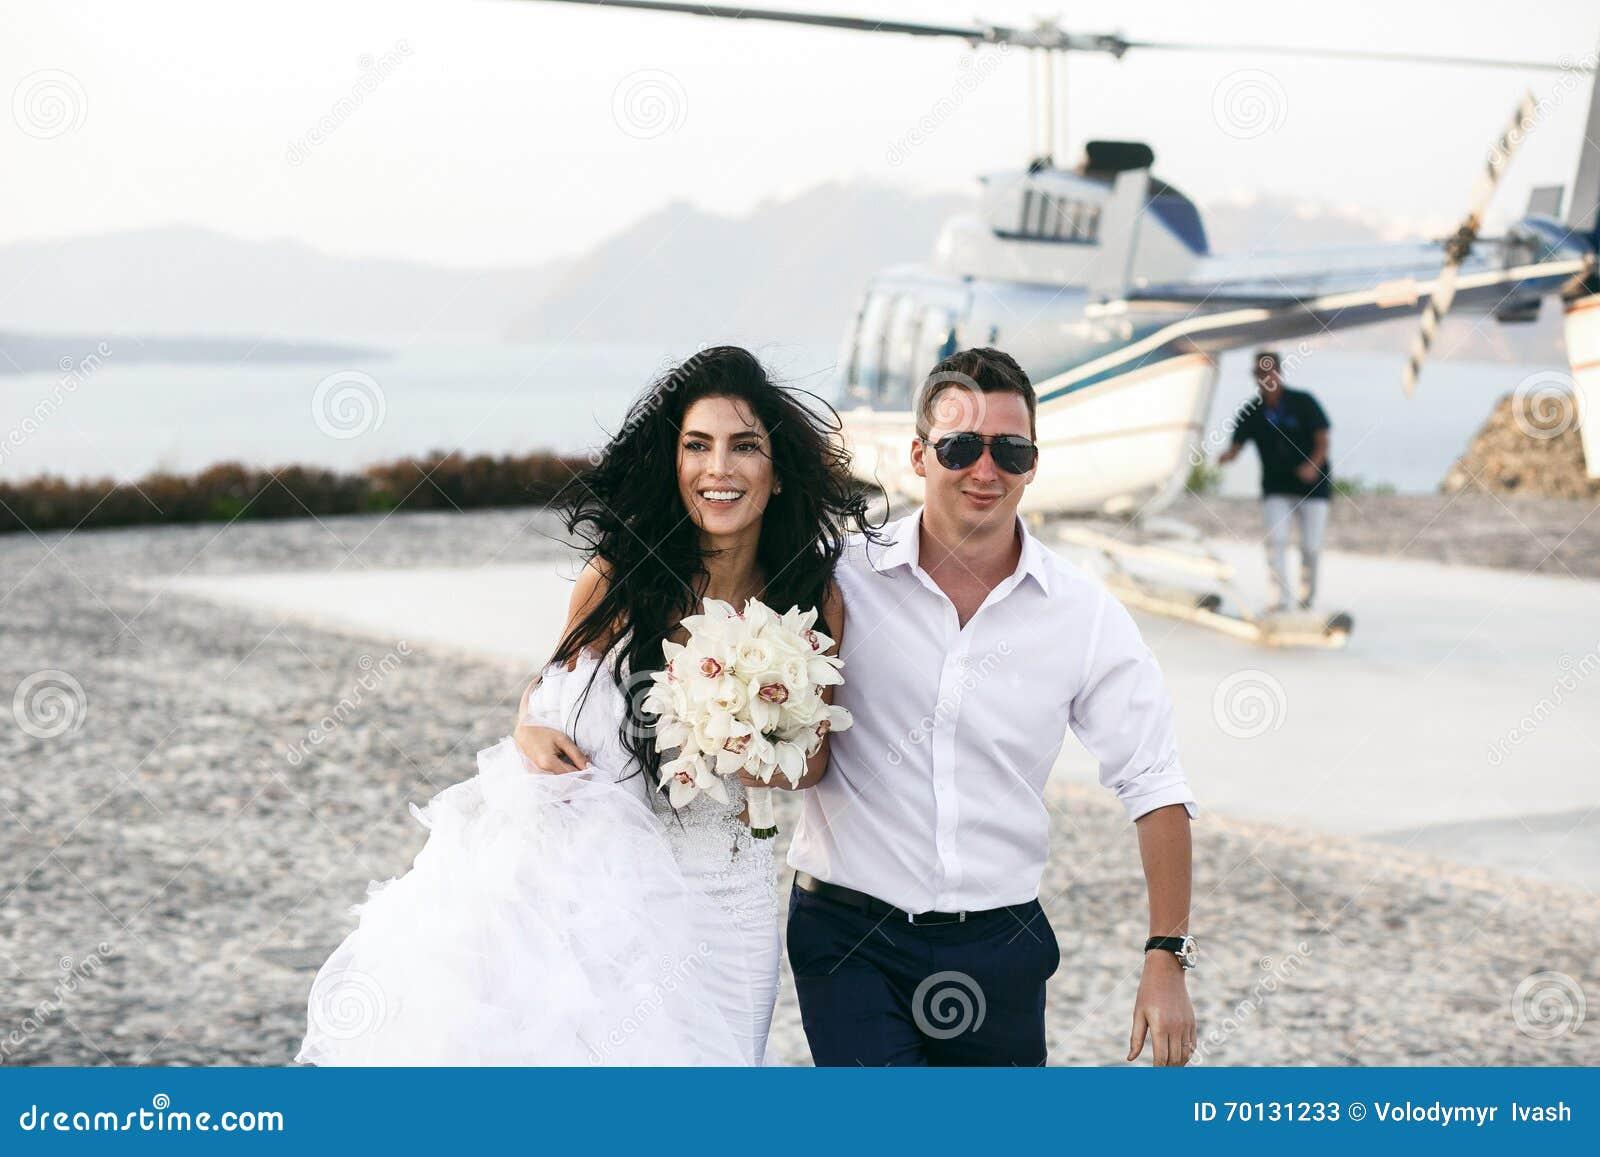 Gelukkige jonggehuwden dichtbij de helikopter